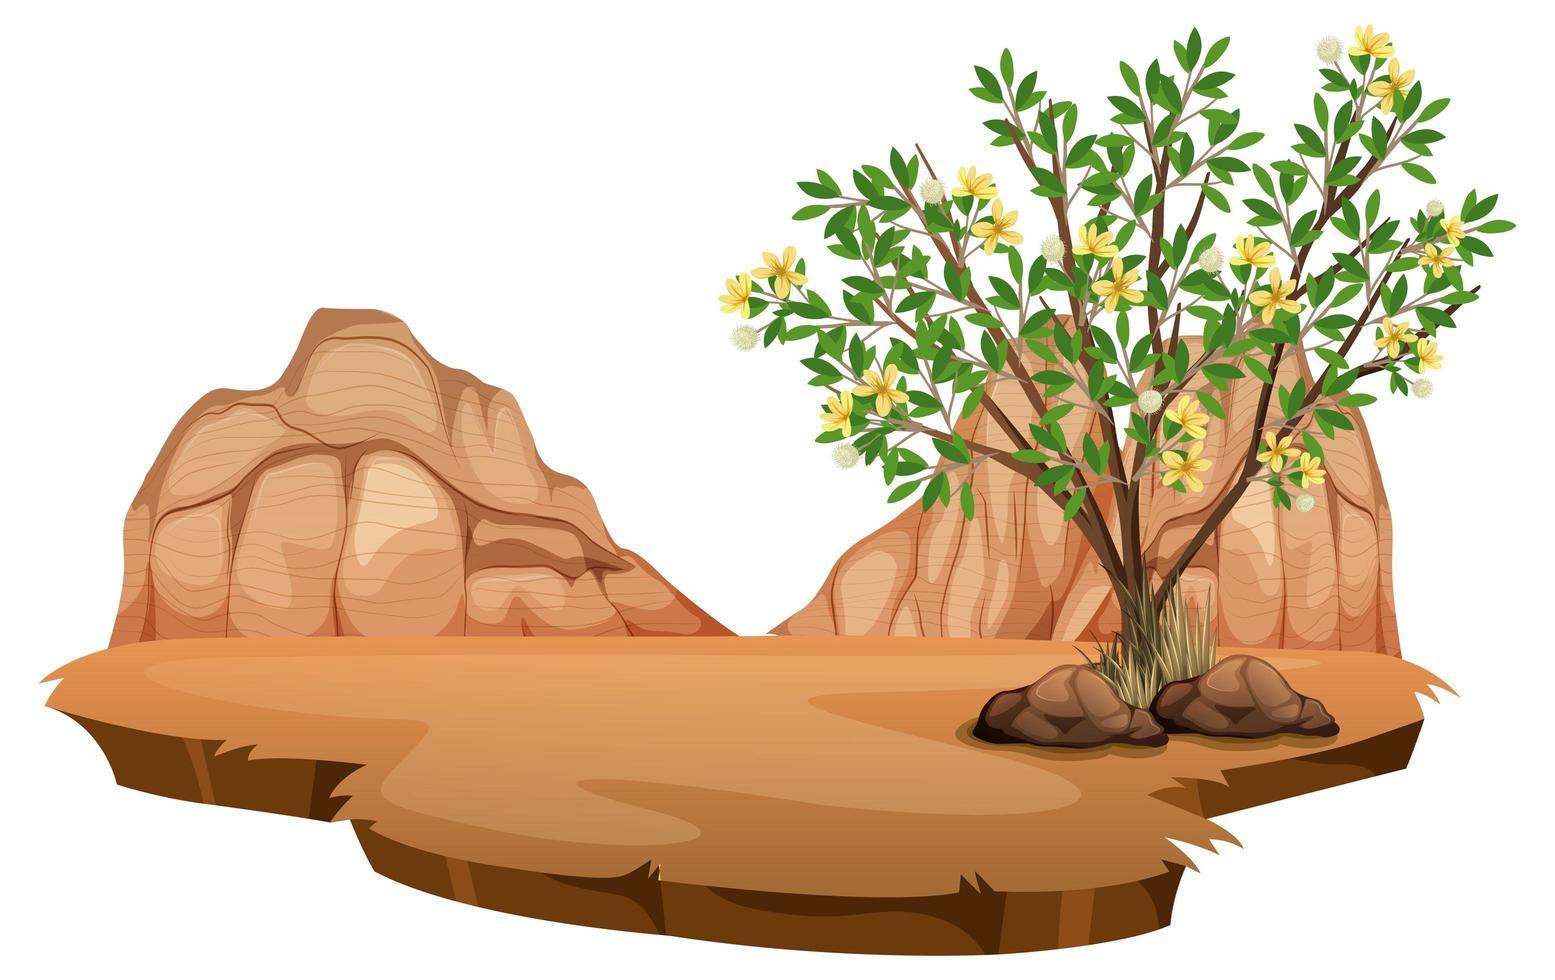 planta de creosoto em deserto selvagem vetor